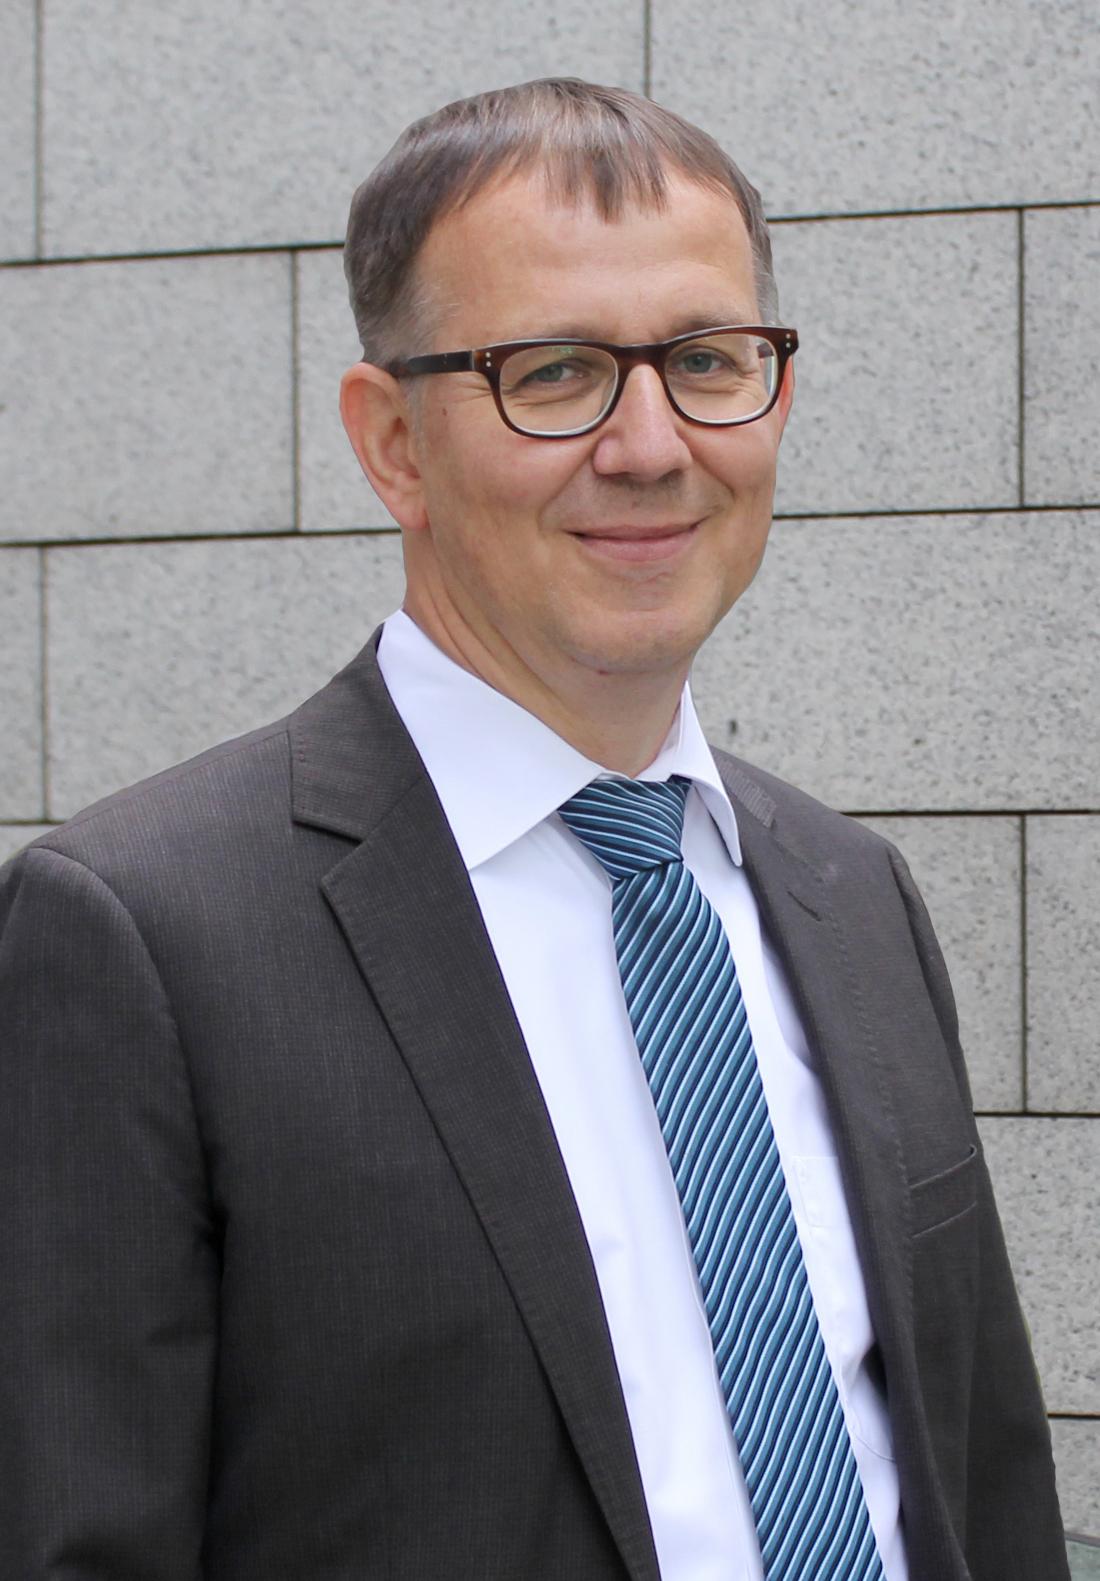 Neuer Geschäftsführer im ZVEI-Fachbereich Elektrische Antriebe